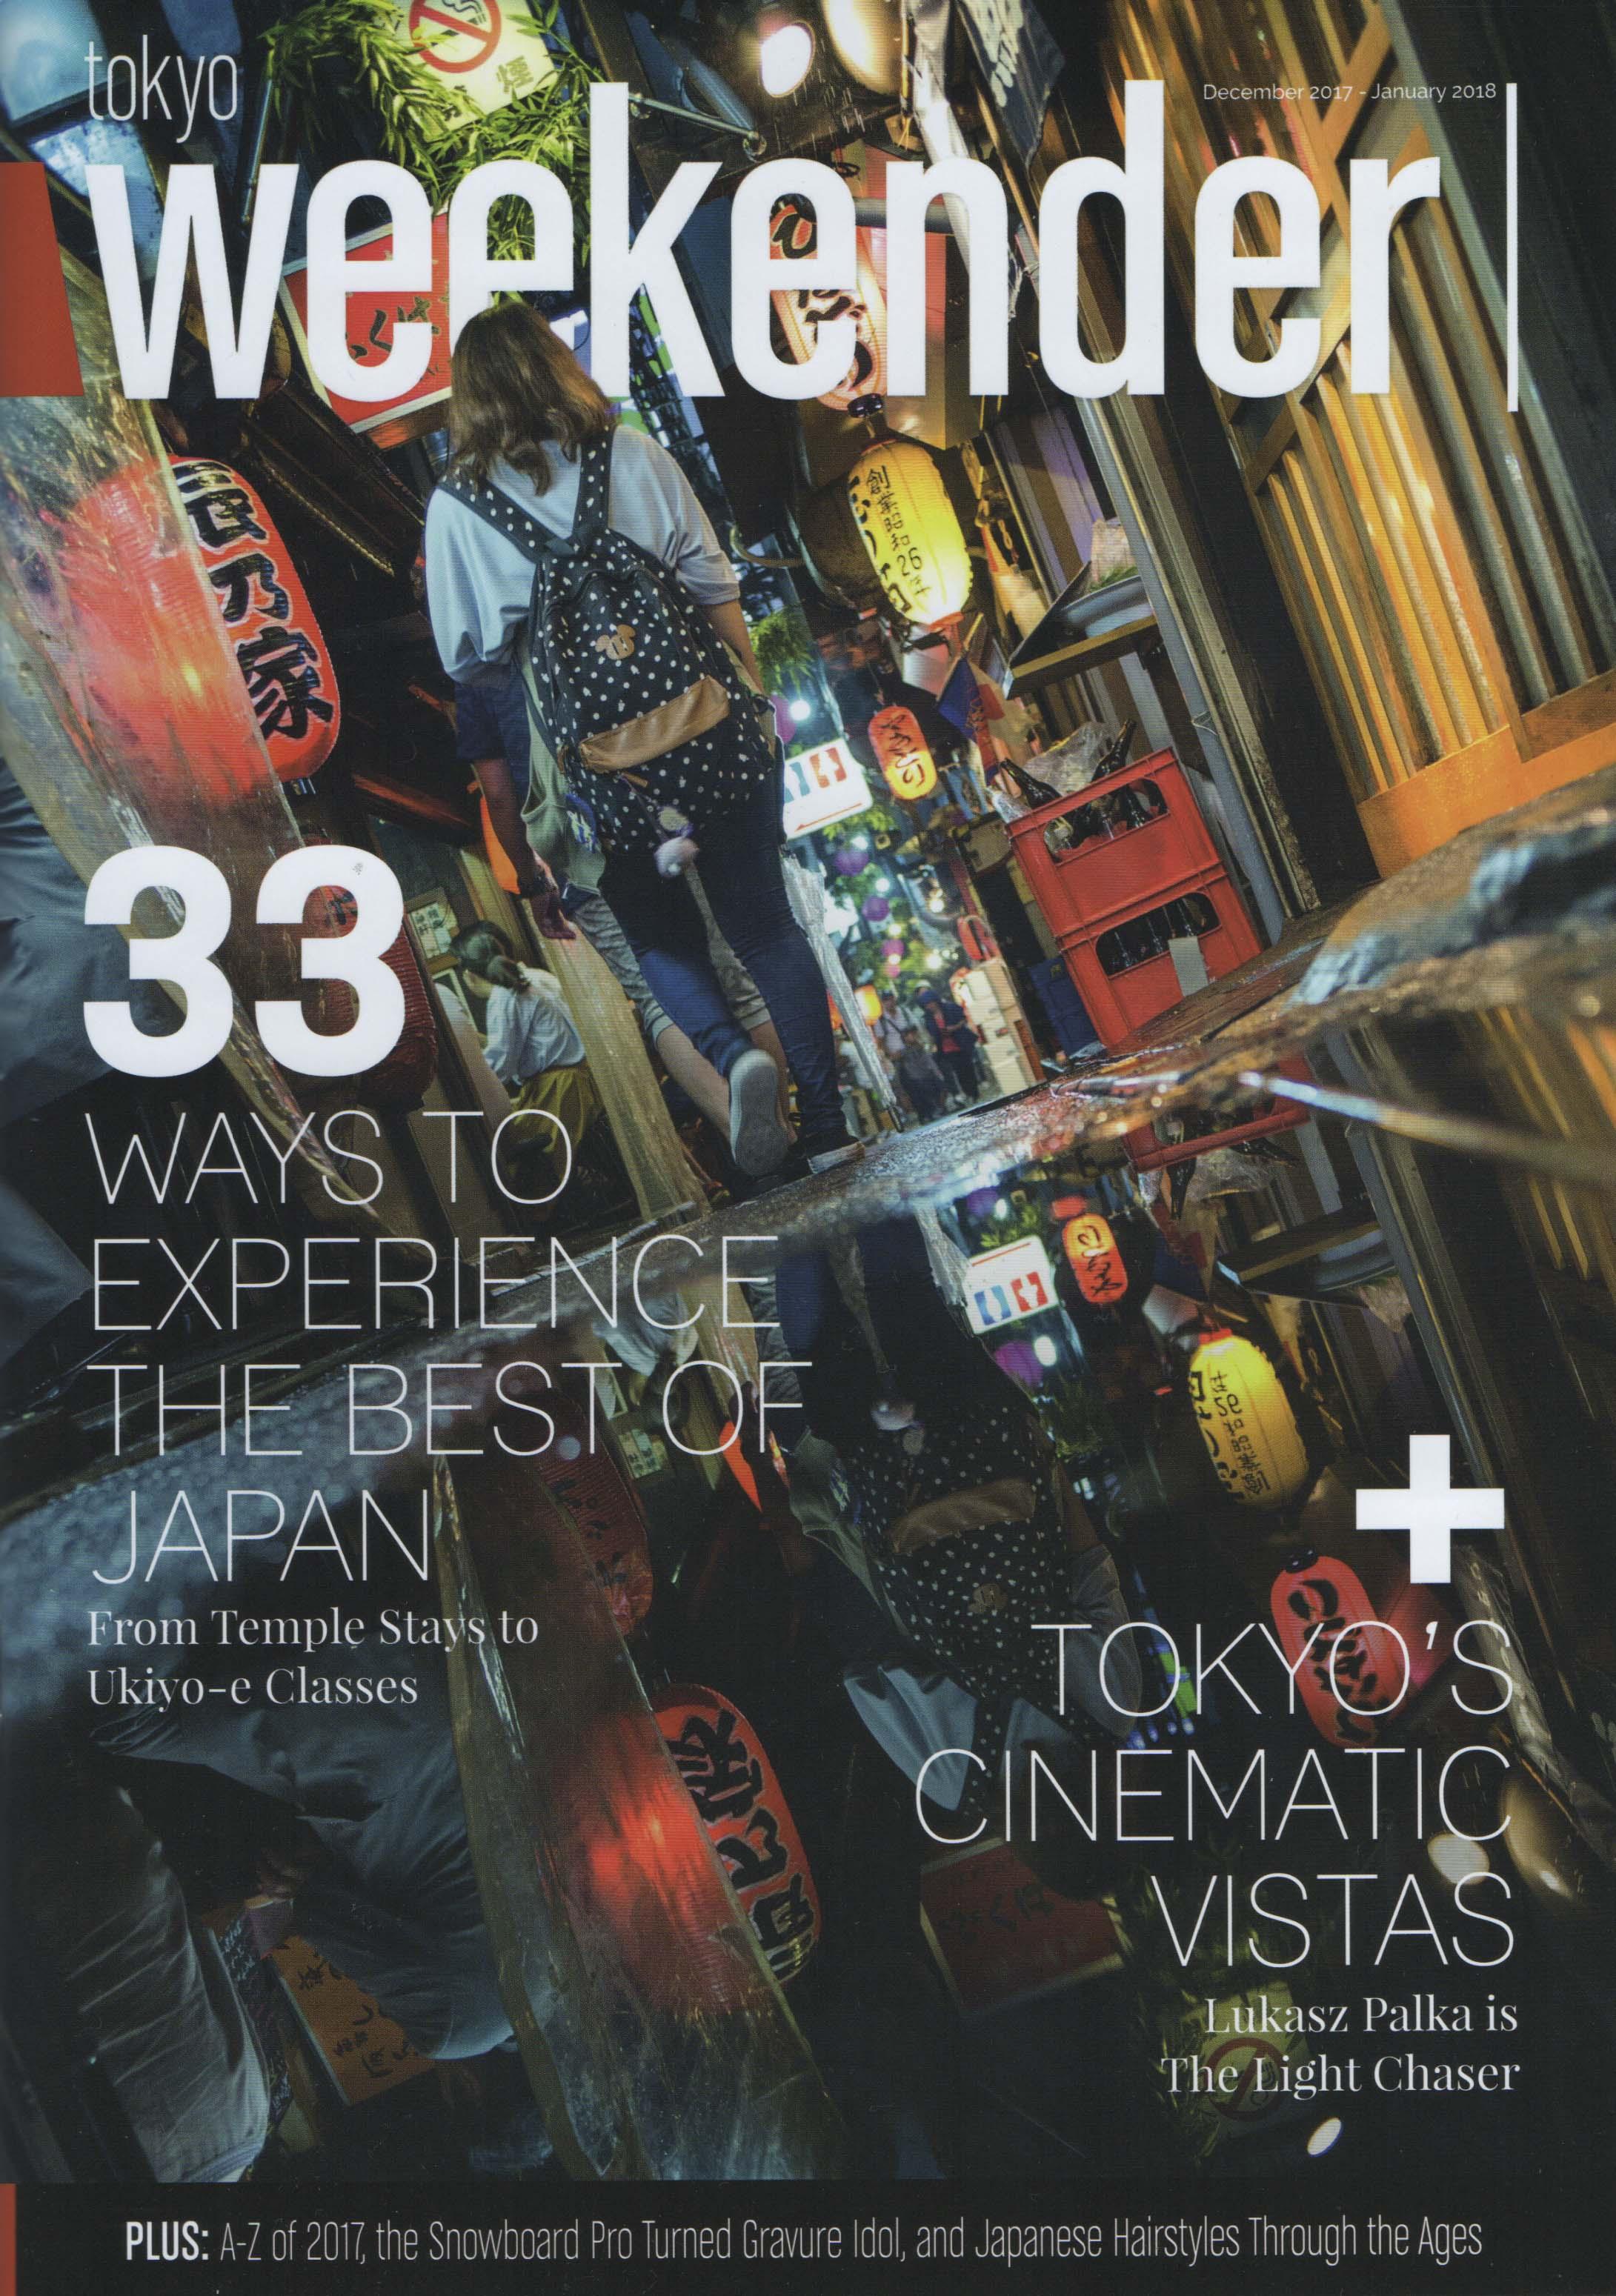 Tokyo Weekender Cover